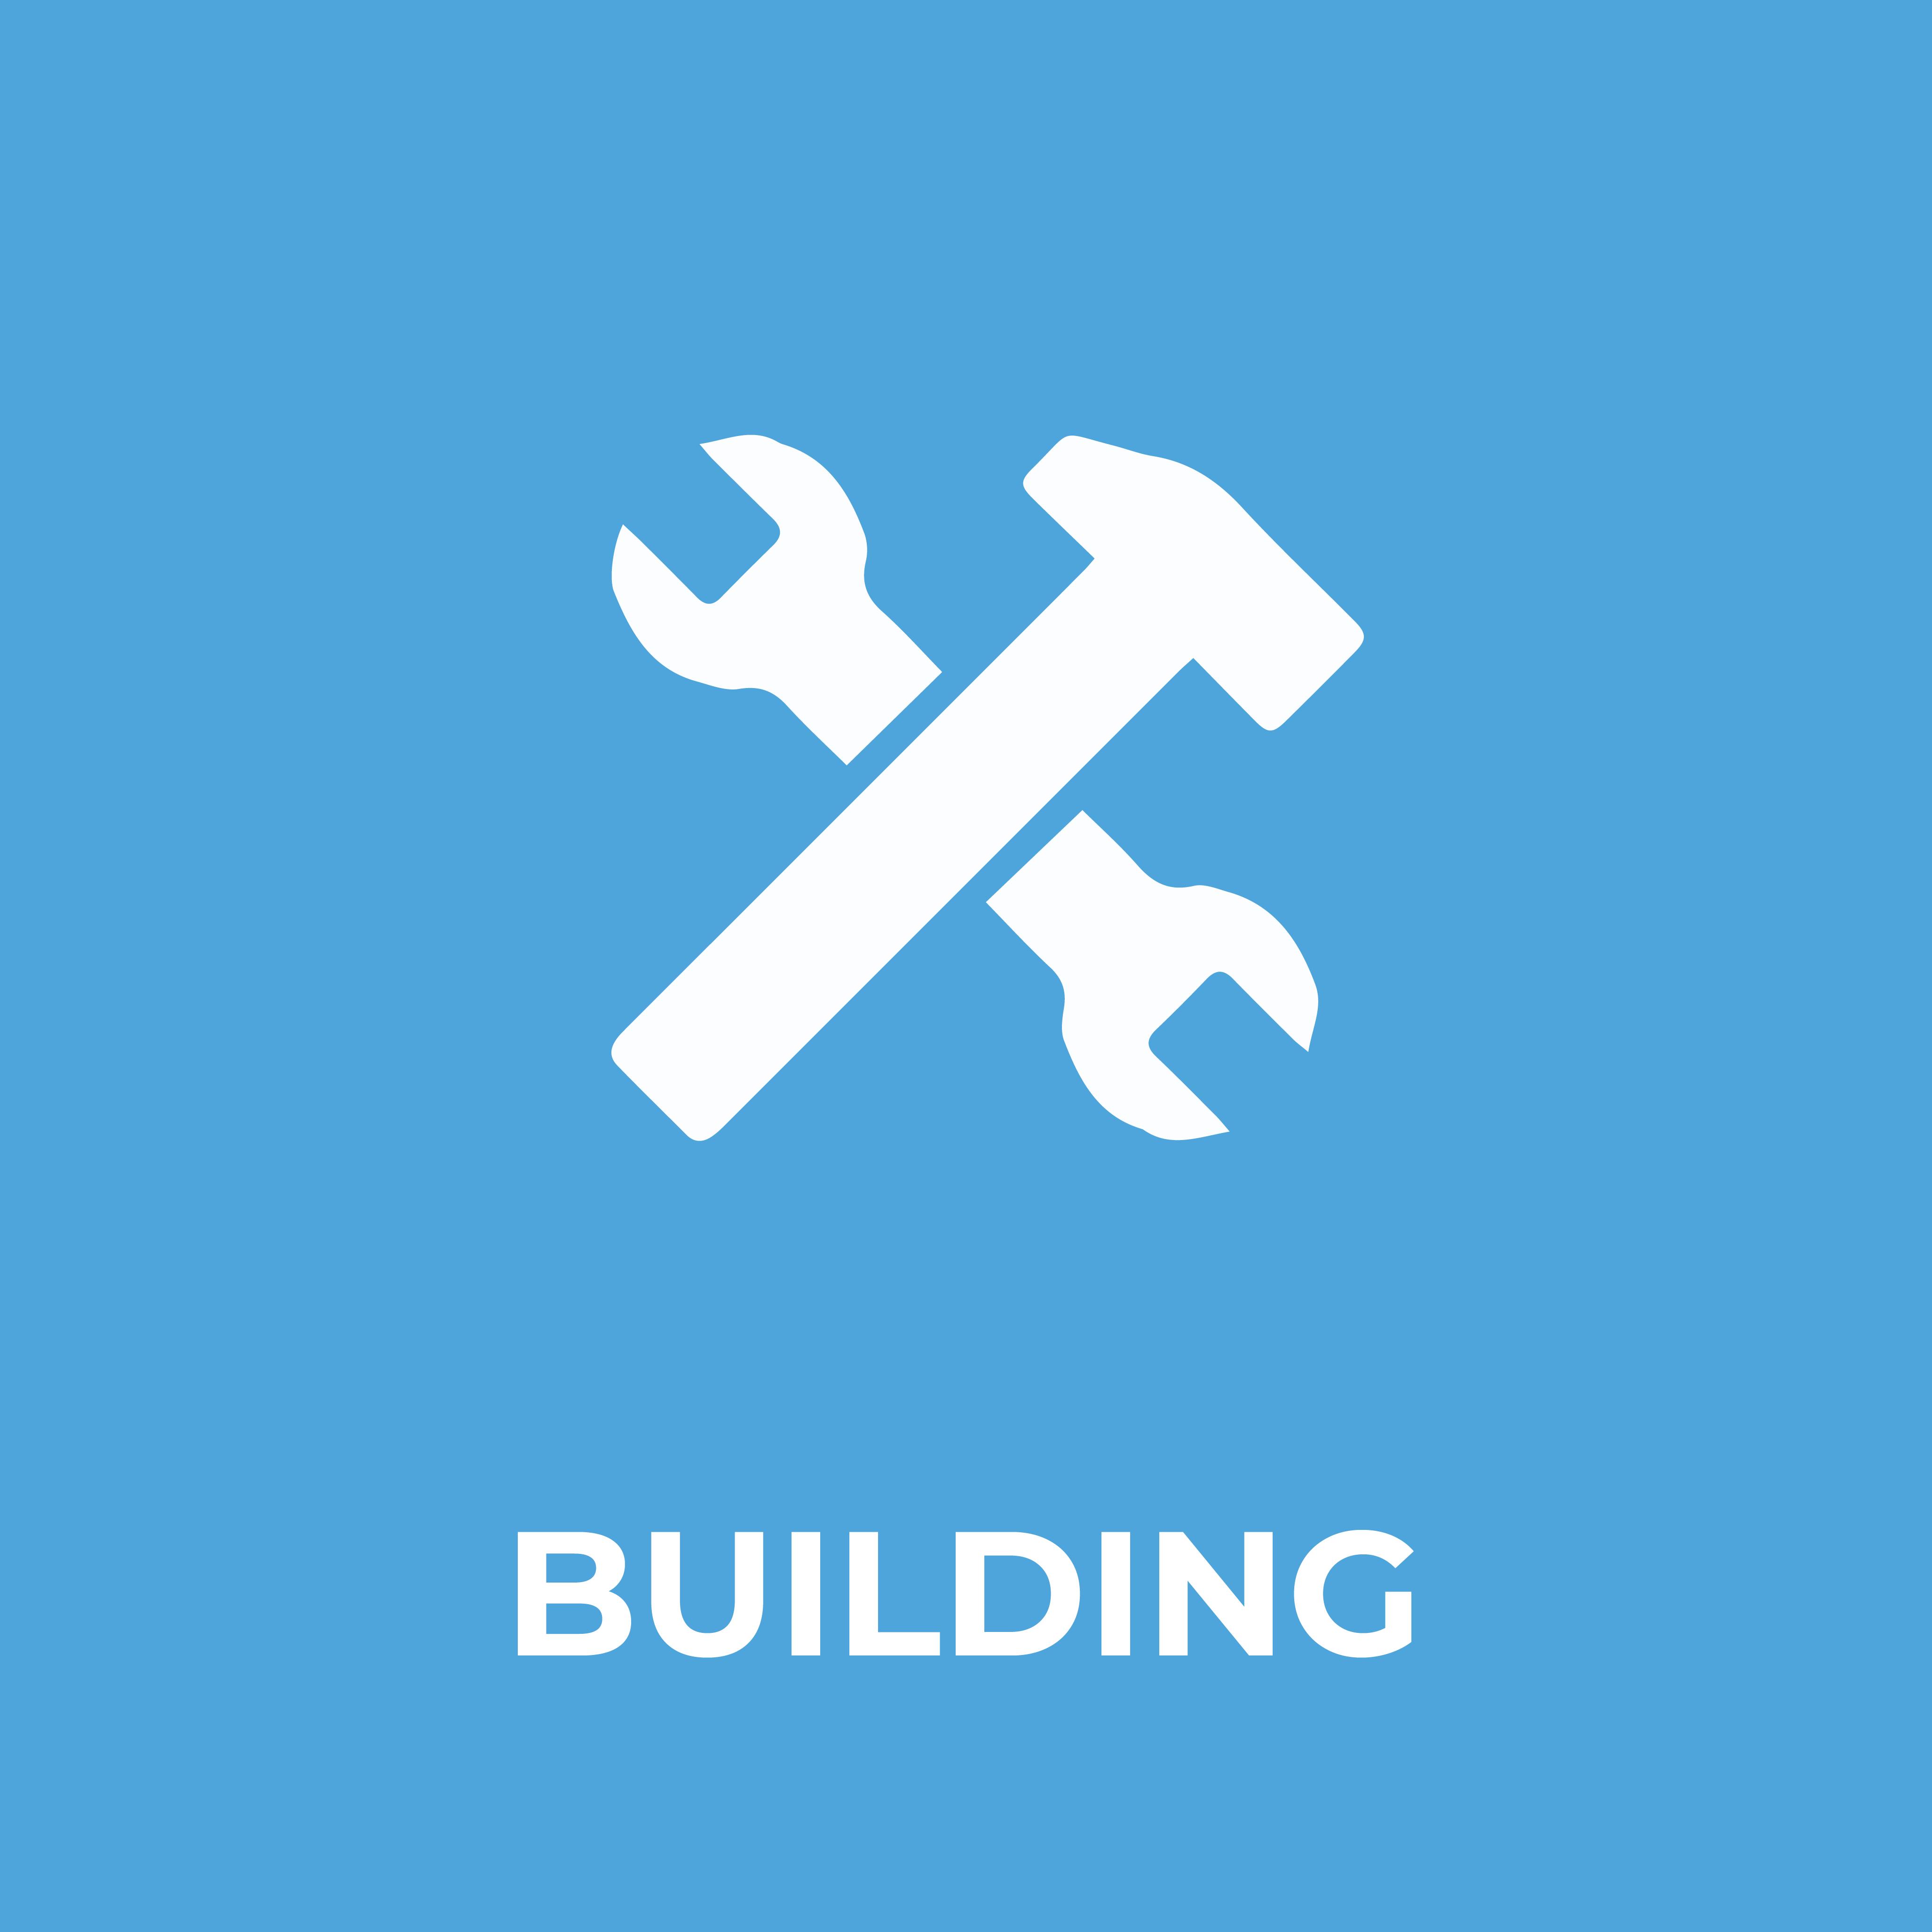 BUILDING ICON-01